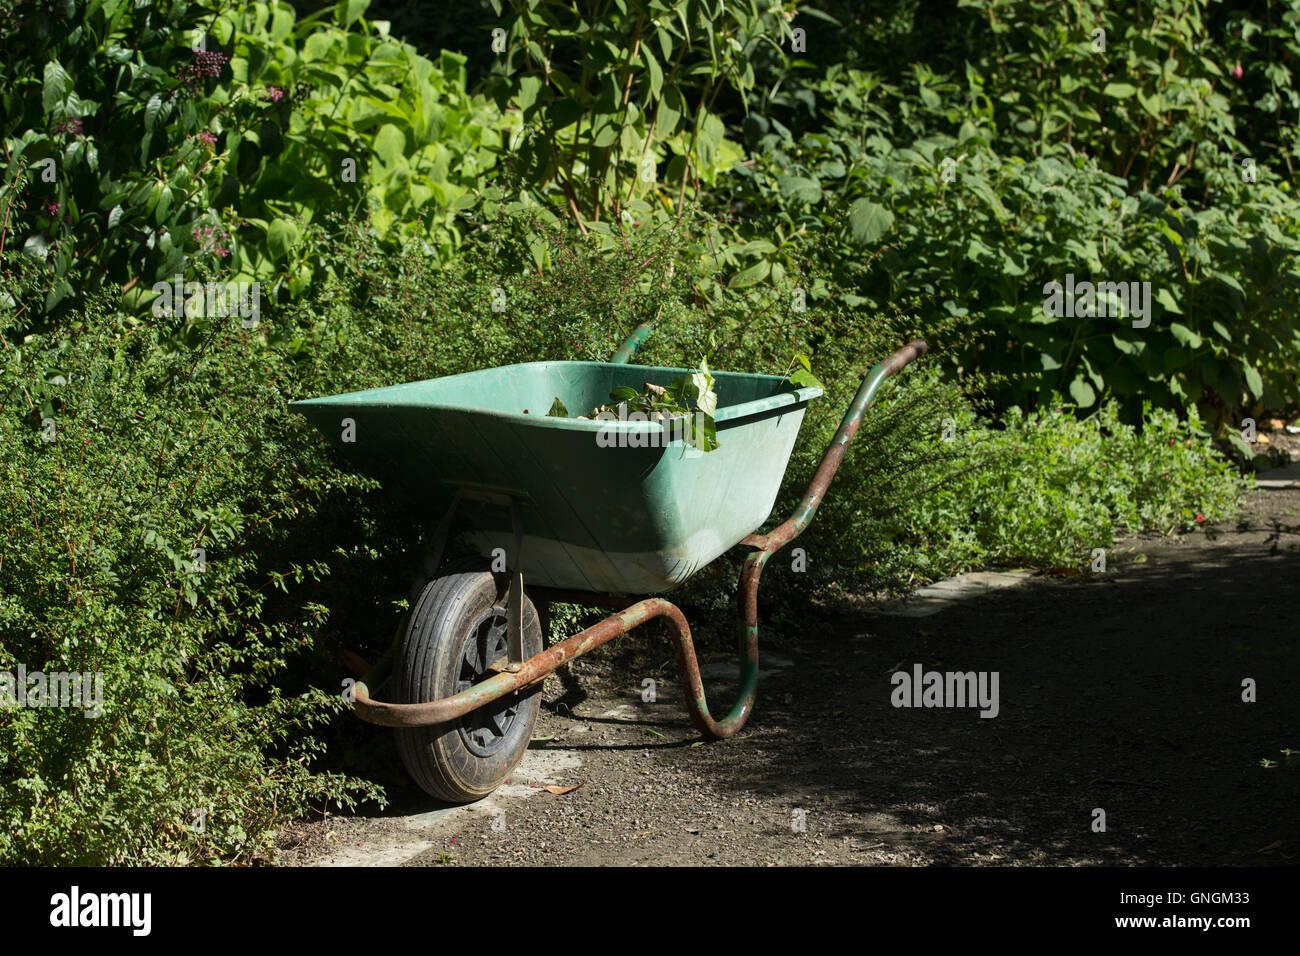 A gardeners best friend - a wheelbarrow on a garden path beside a flower border - Stock Image